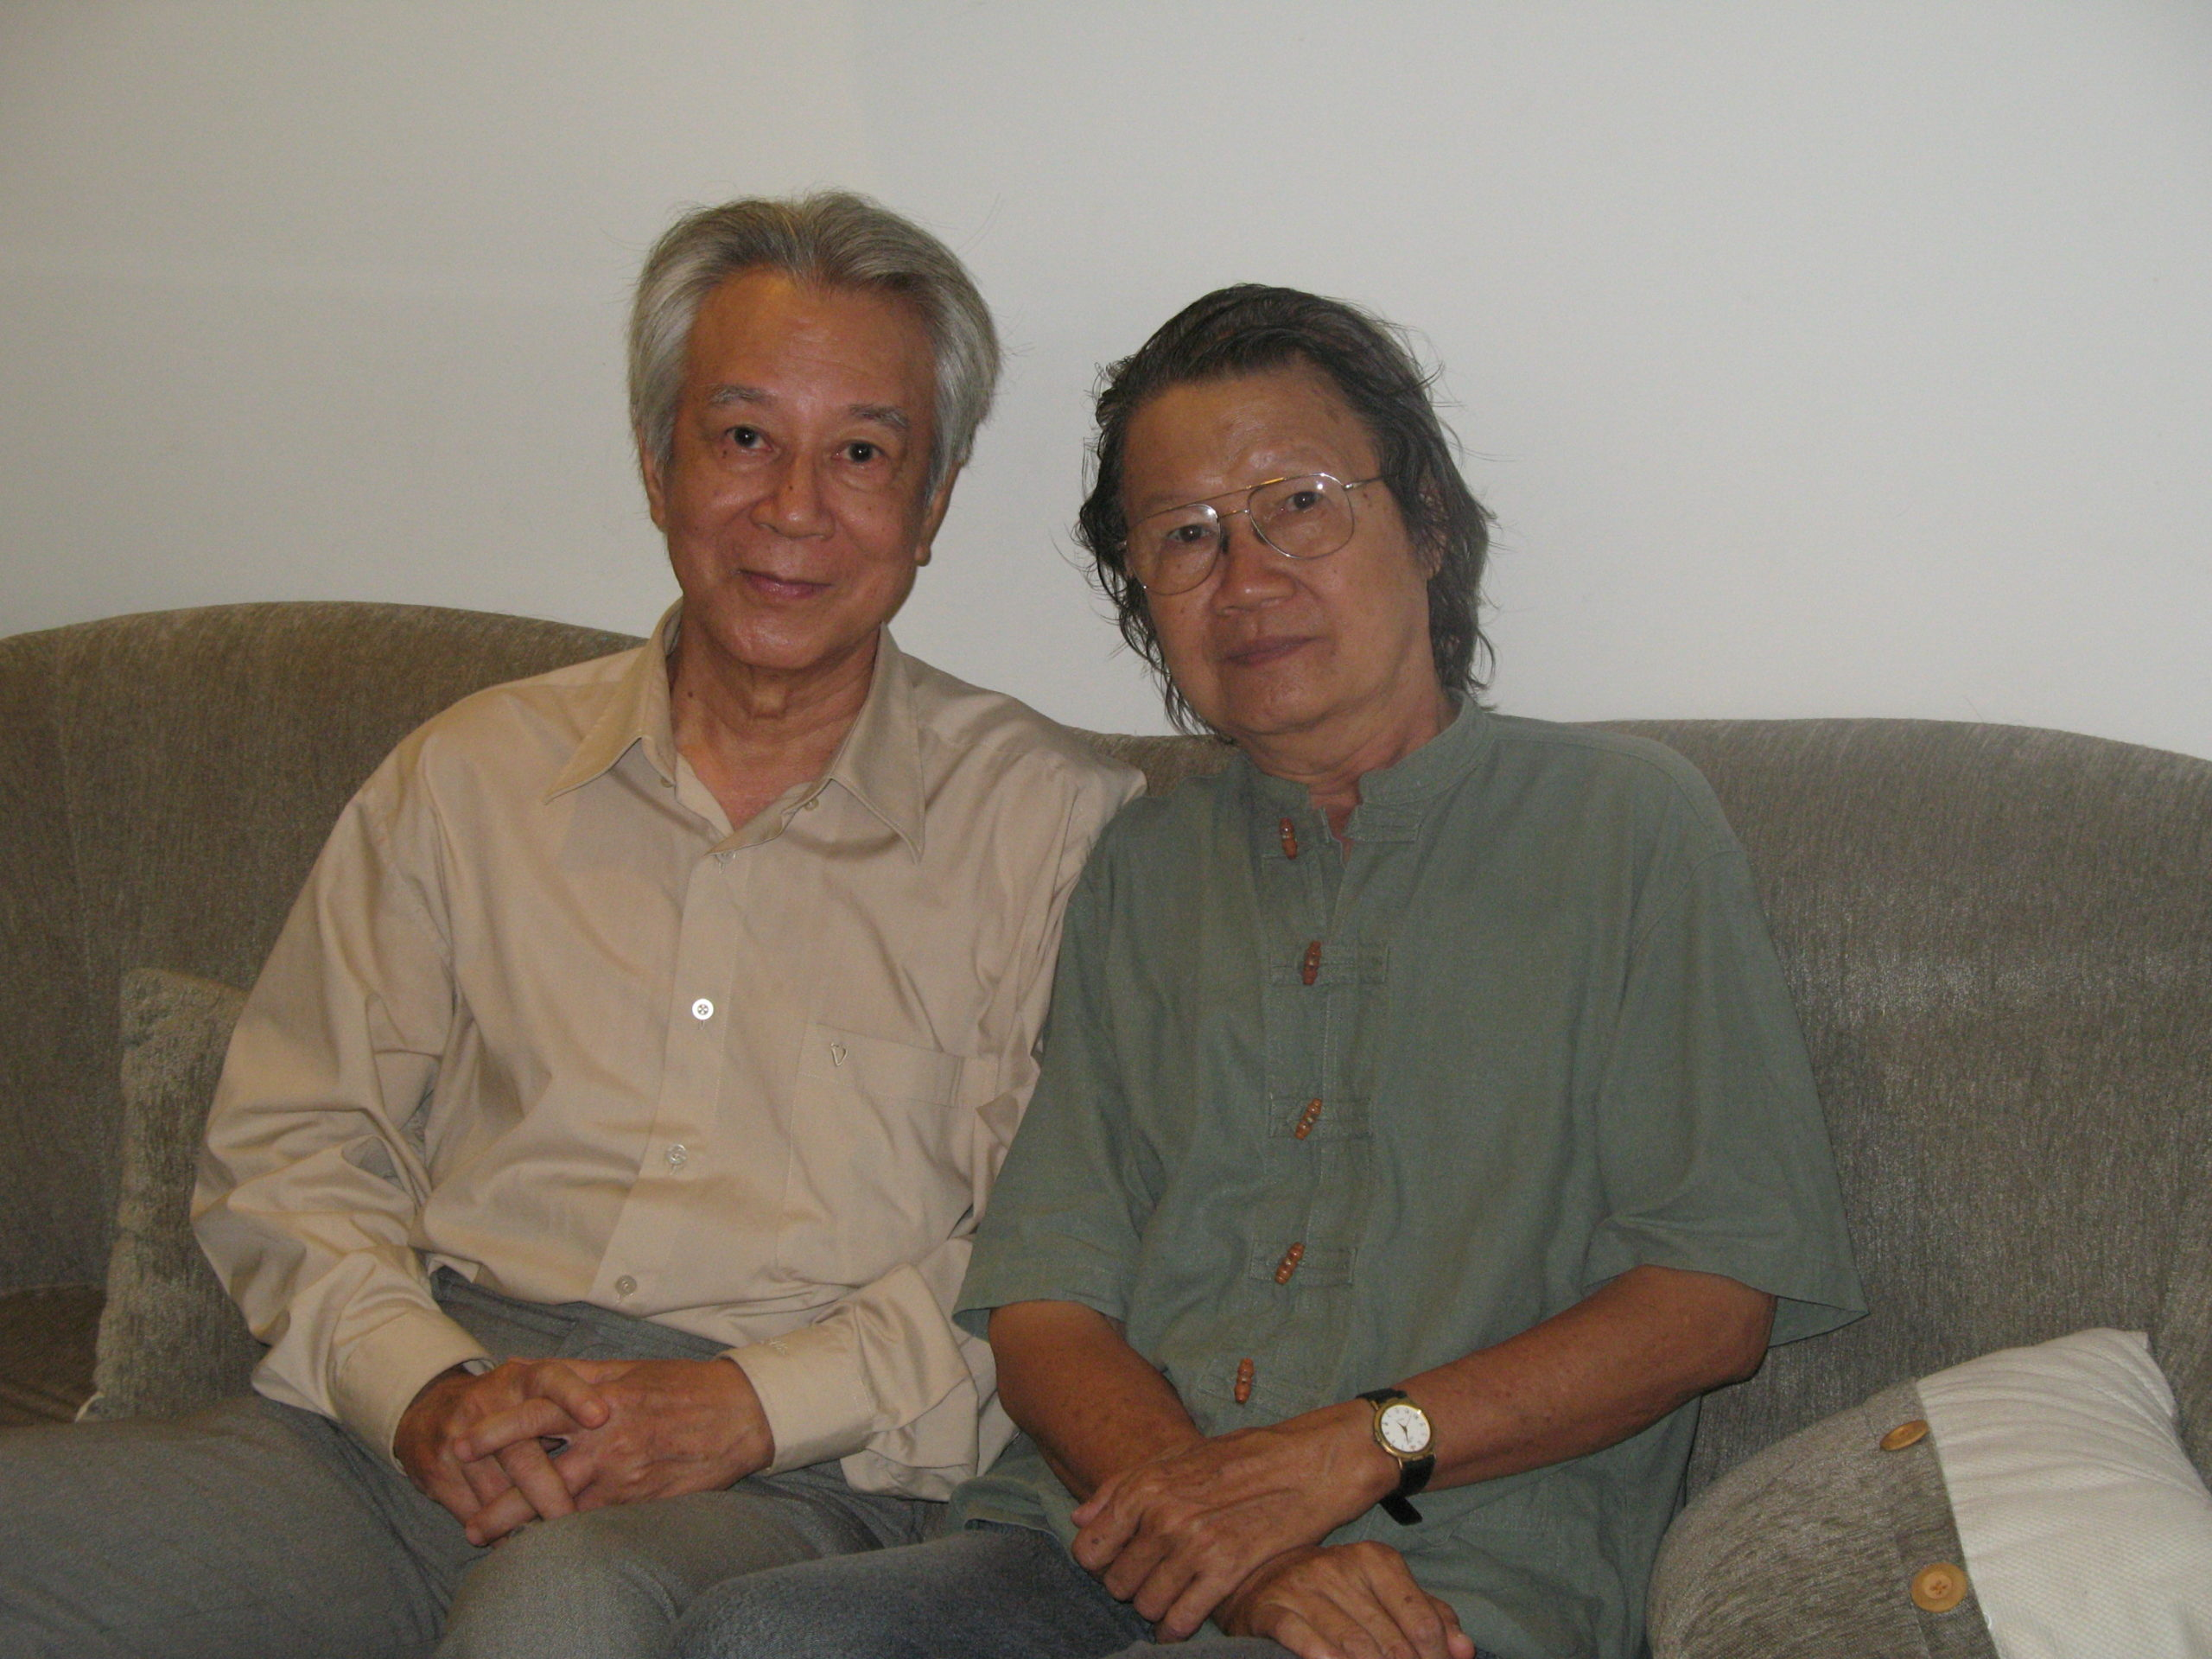 Chụp với nhà báo, nhà văn Lê Khắc Hoan năm 2011